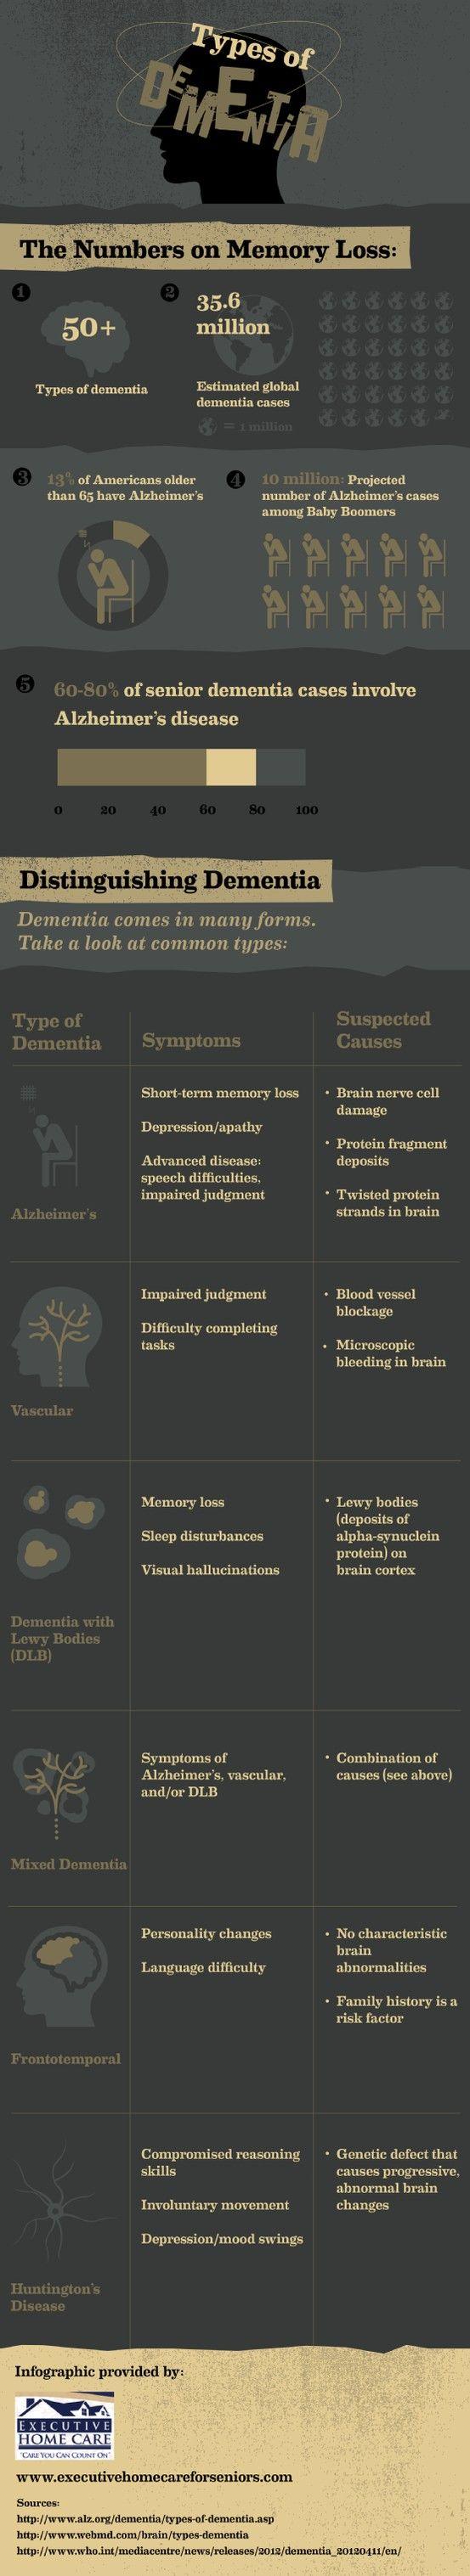 Alzheimer's term paper